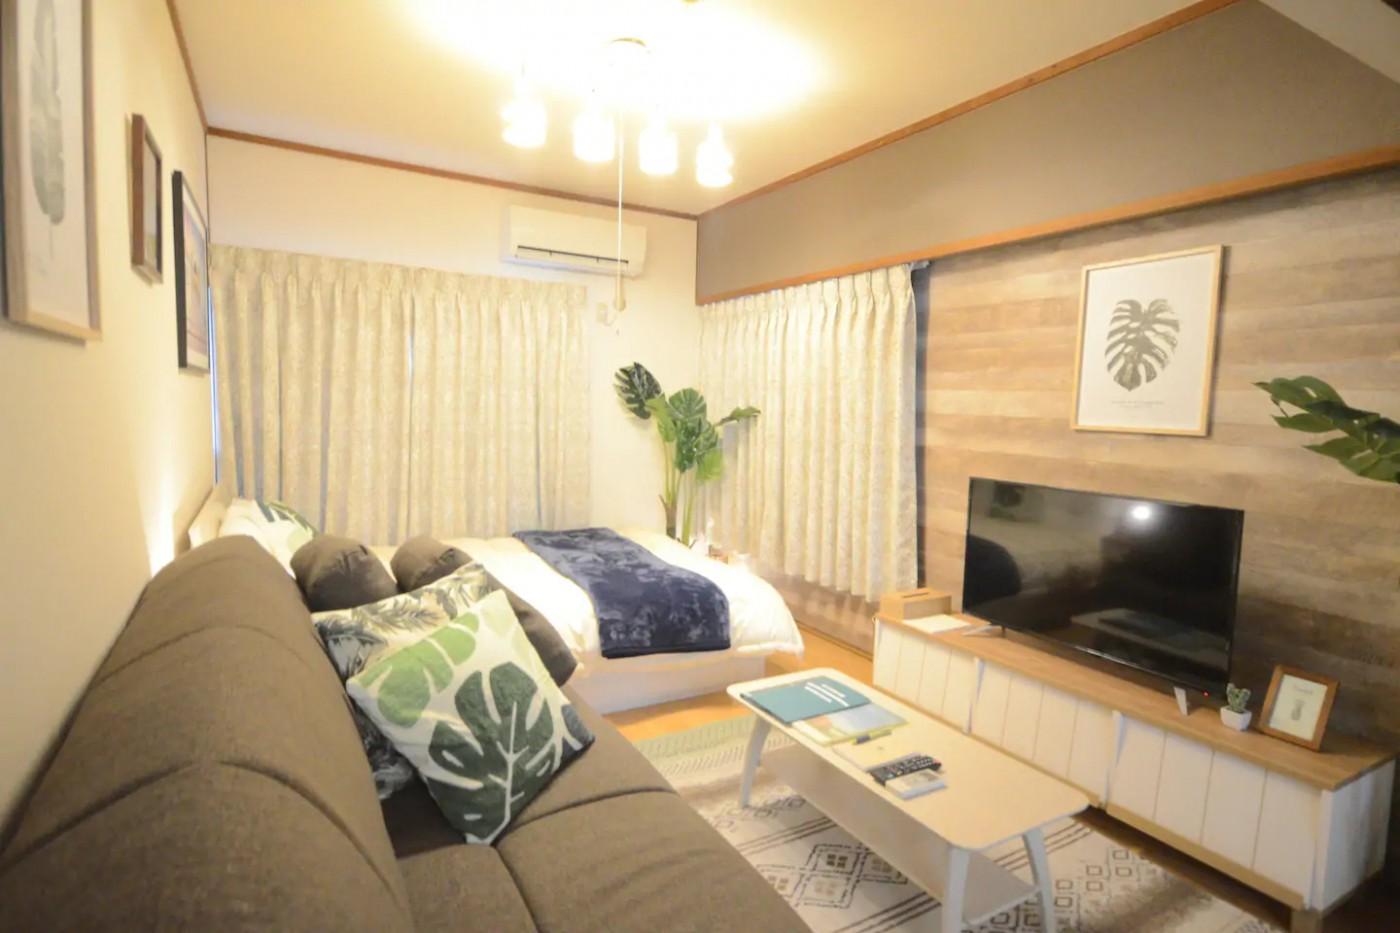 グループ・家族で香川県に旅行する方へ|和洋室タイプの民泊【Alphabed高松片原町】